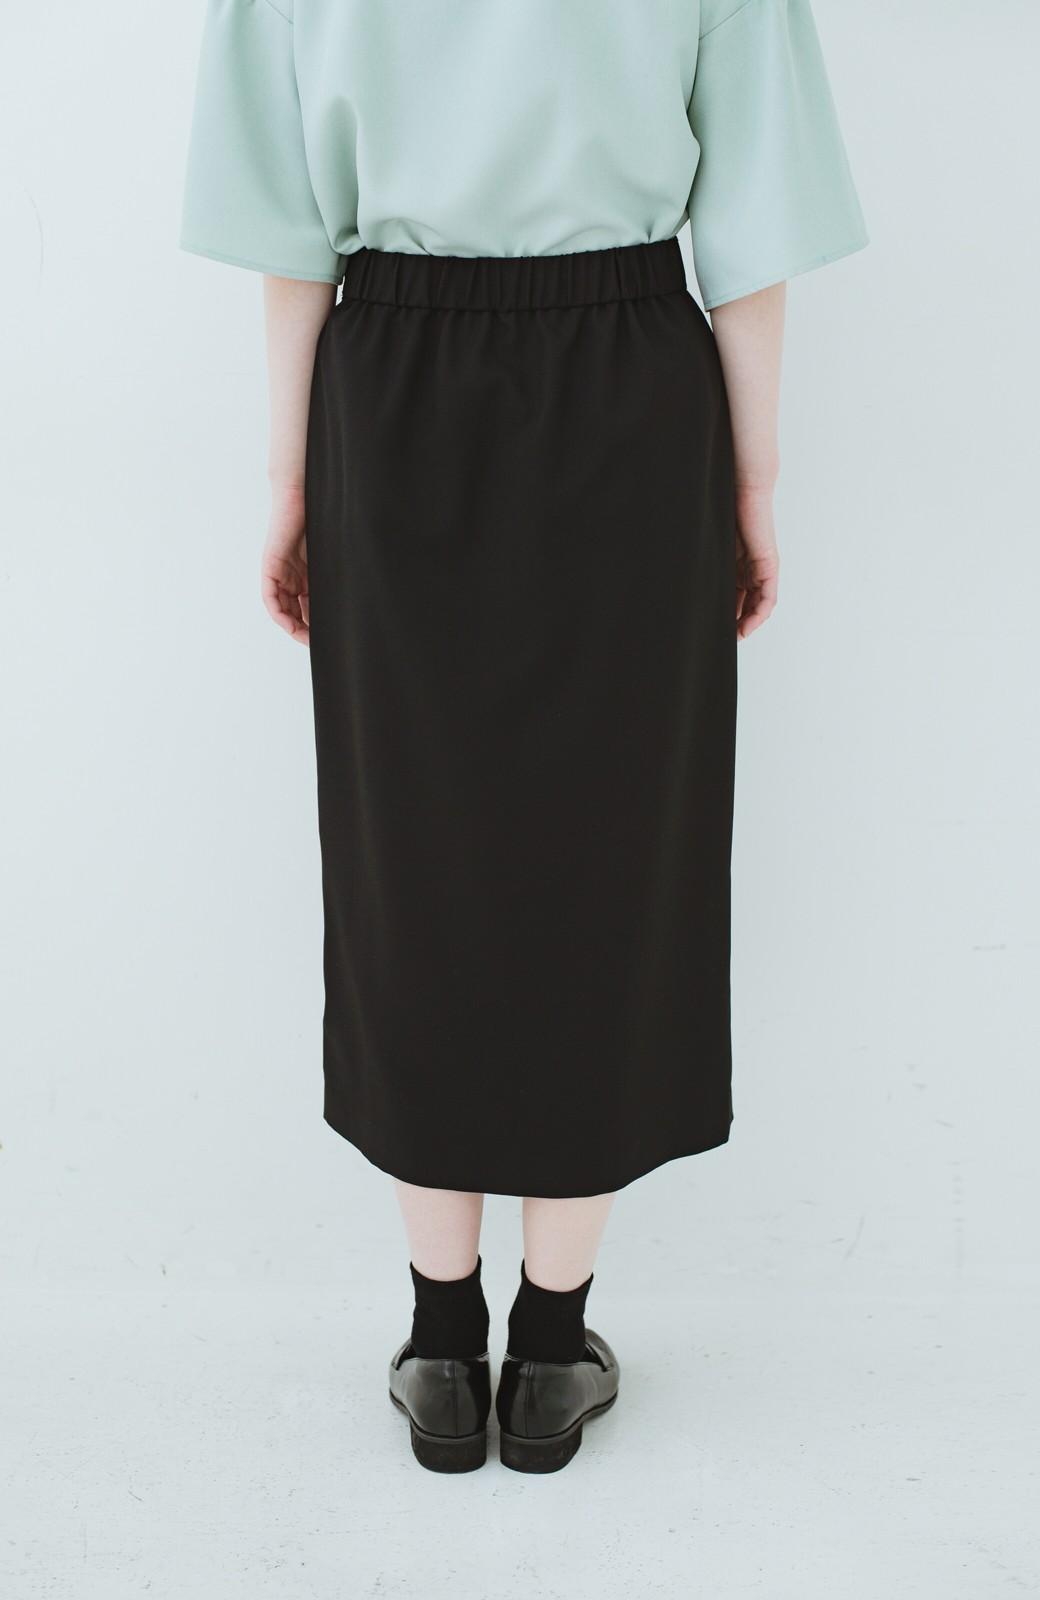 haco! 持っていると便利な 野暮ったくならないタイトスカート <ブラック>の商品写真7